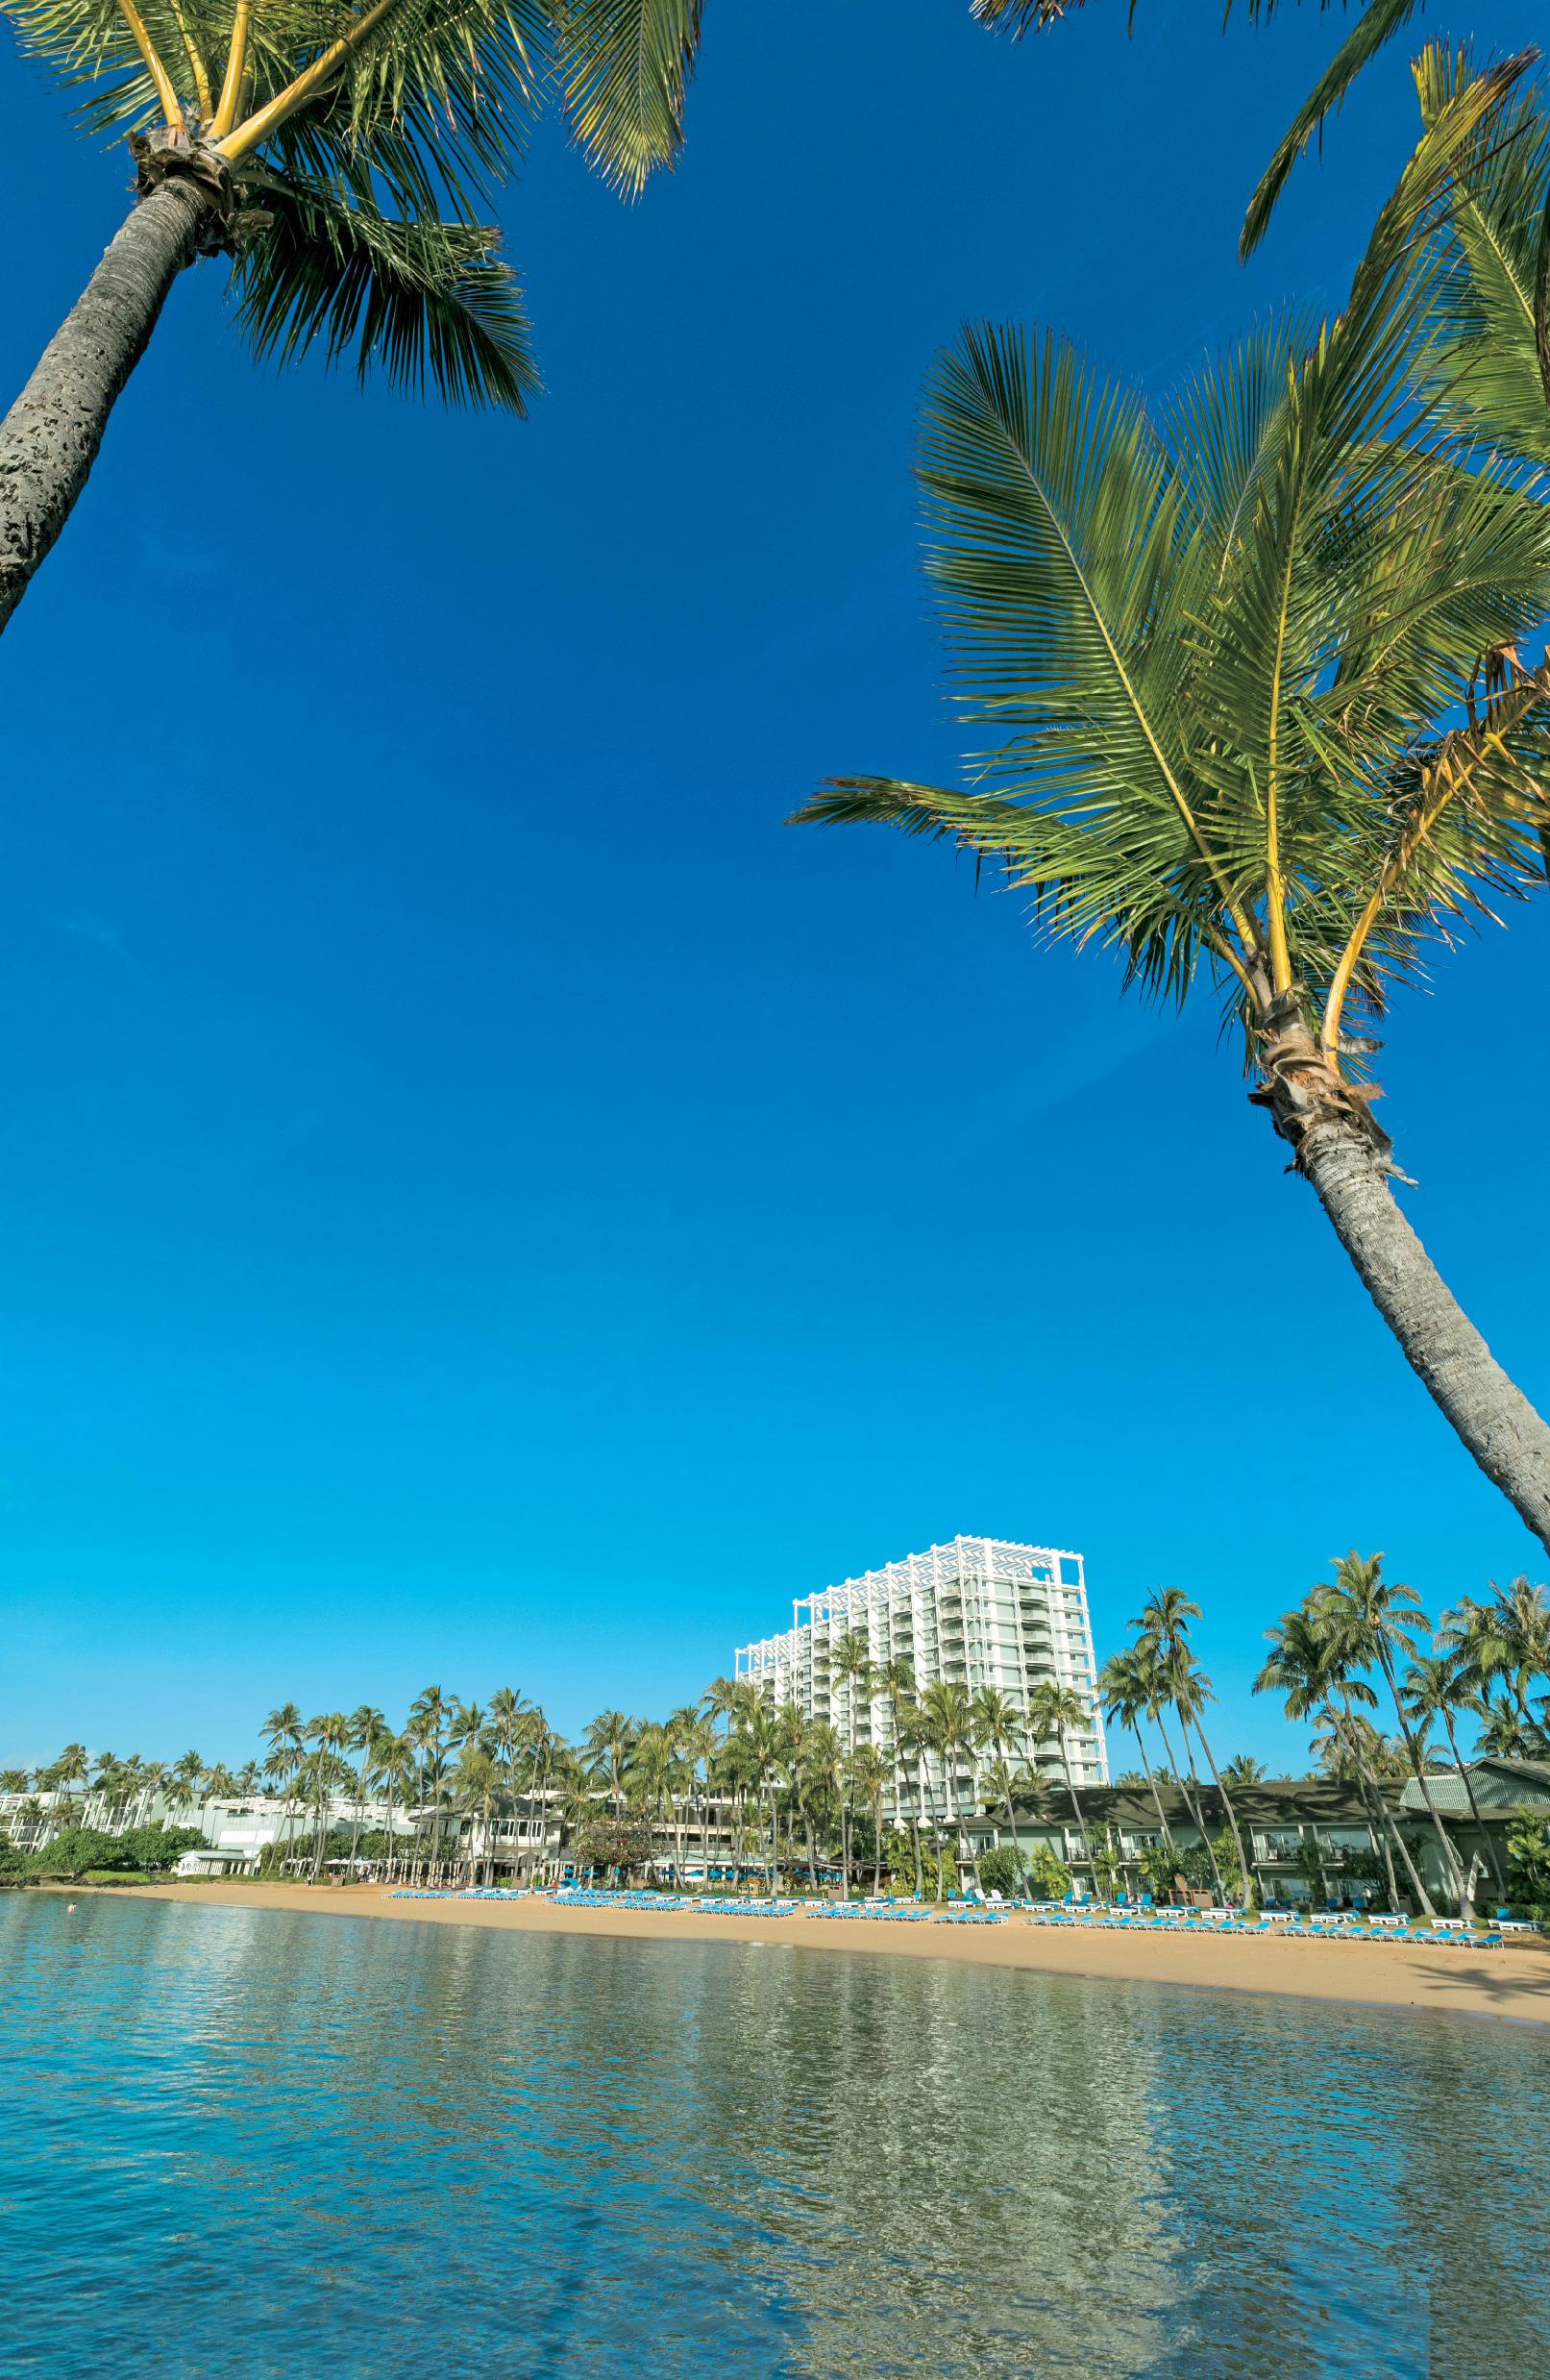 憧れの高級ハワイリゾート『ザ・カハラ』の魅力 五選_1_1